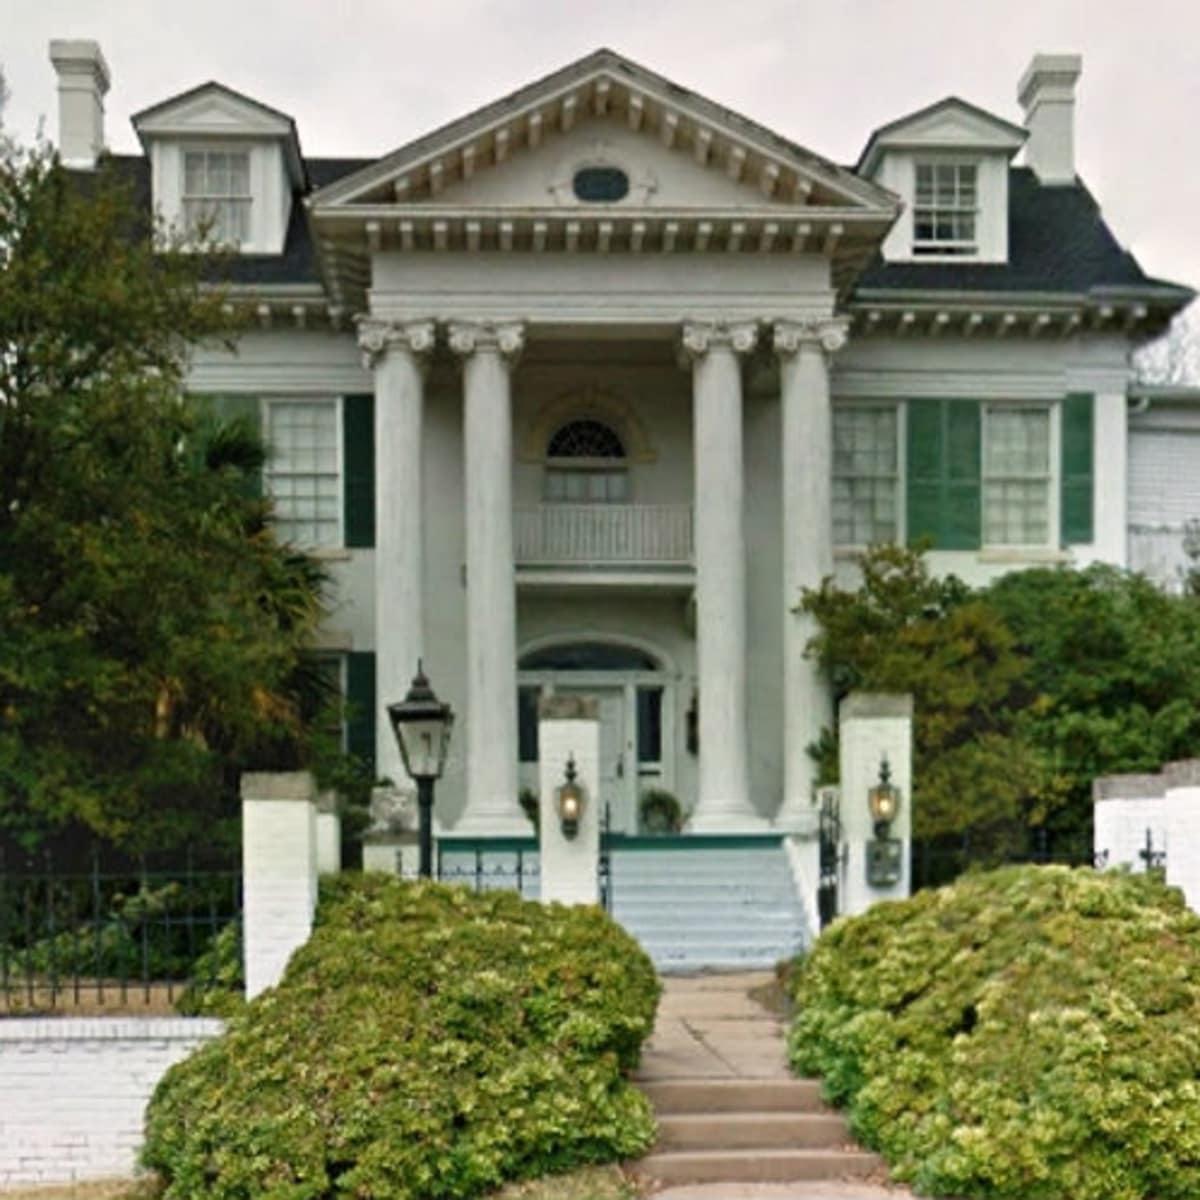 RentCafe 1894 Greek Revival home